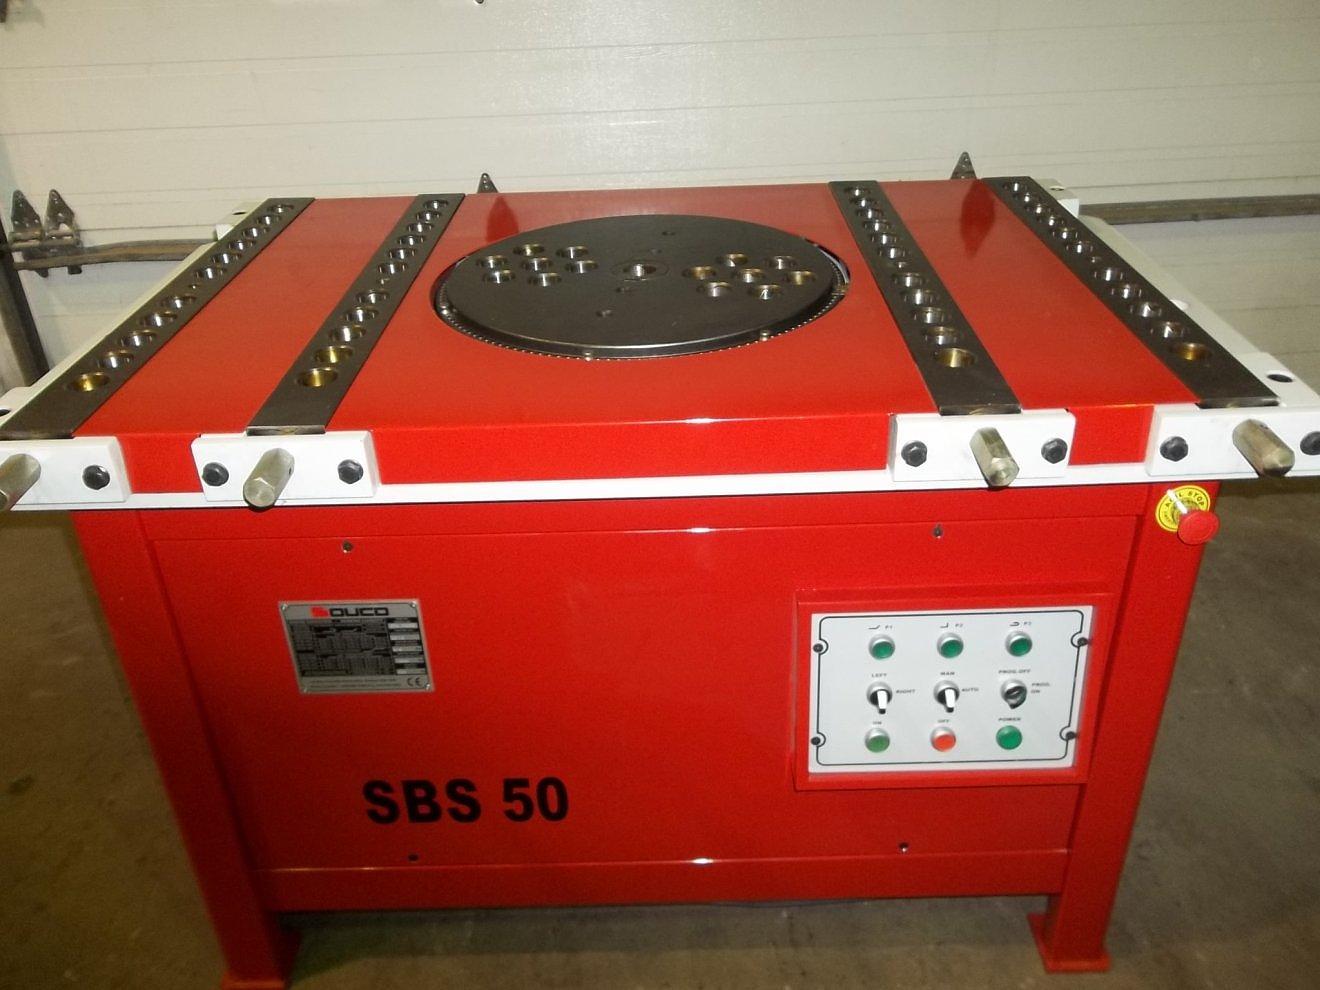 Sbs 50